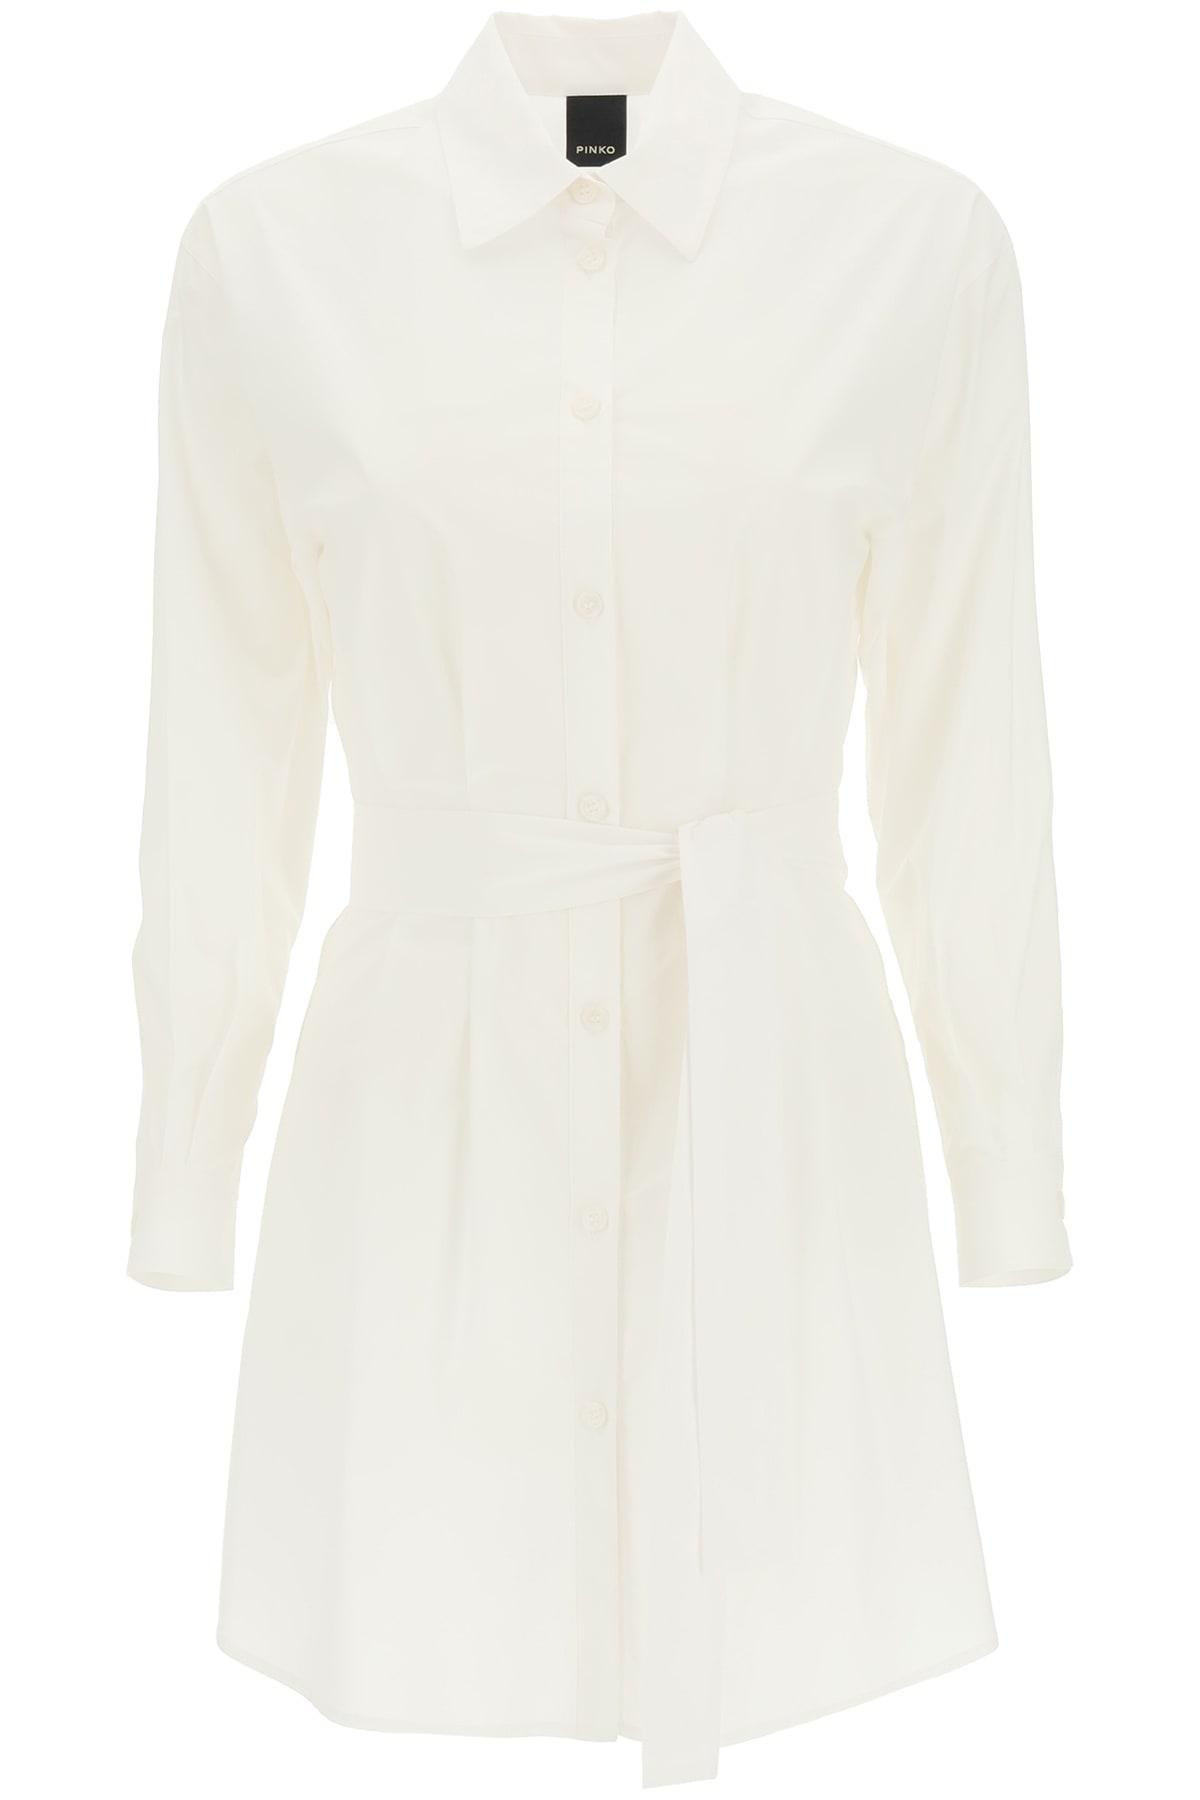 Buy Pinko Fanatico Mini Shirt Dress online, shop Pinko with free shipping